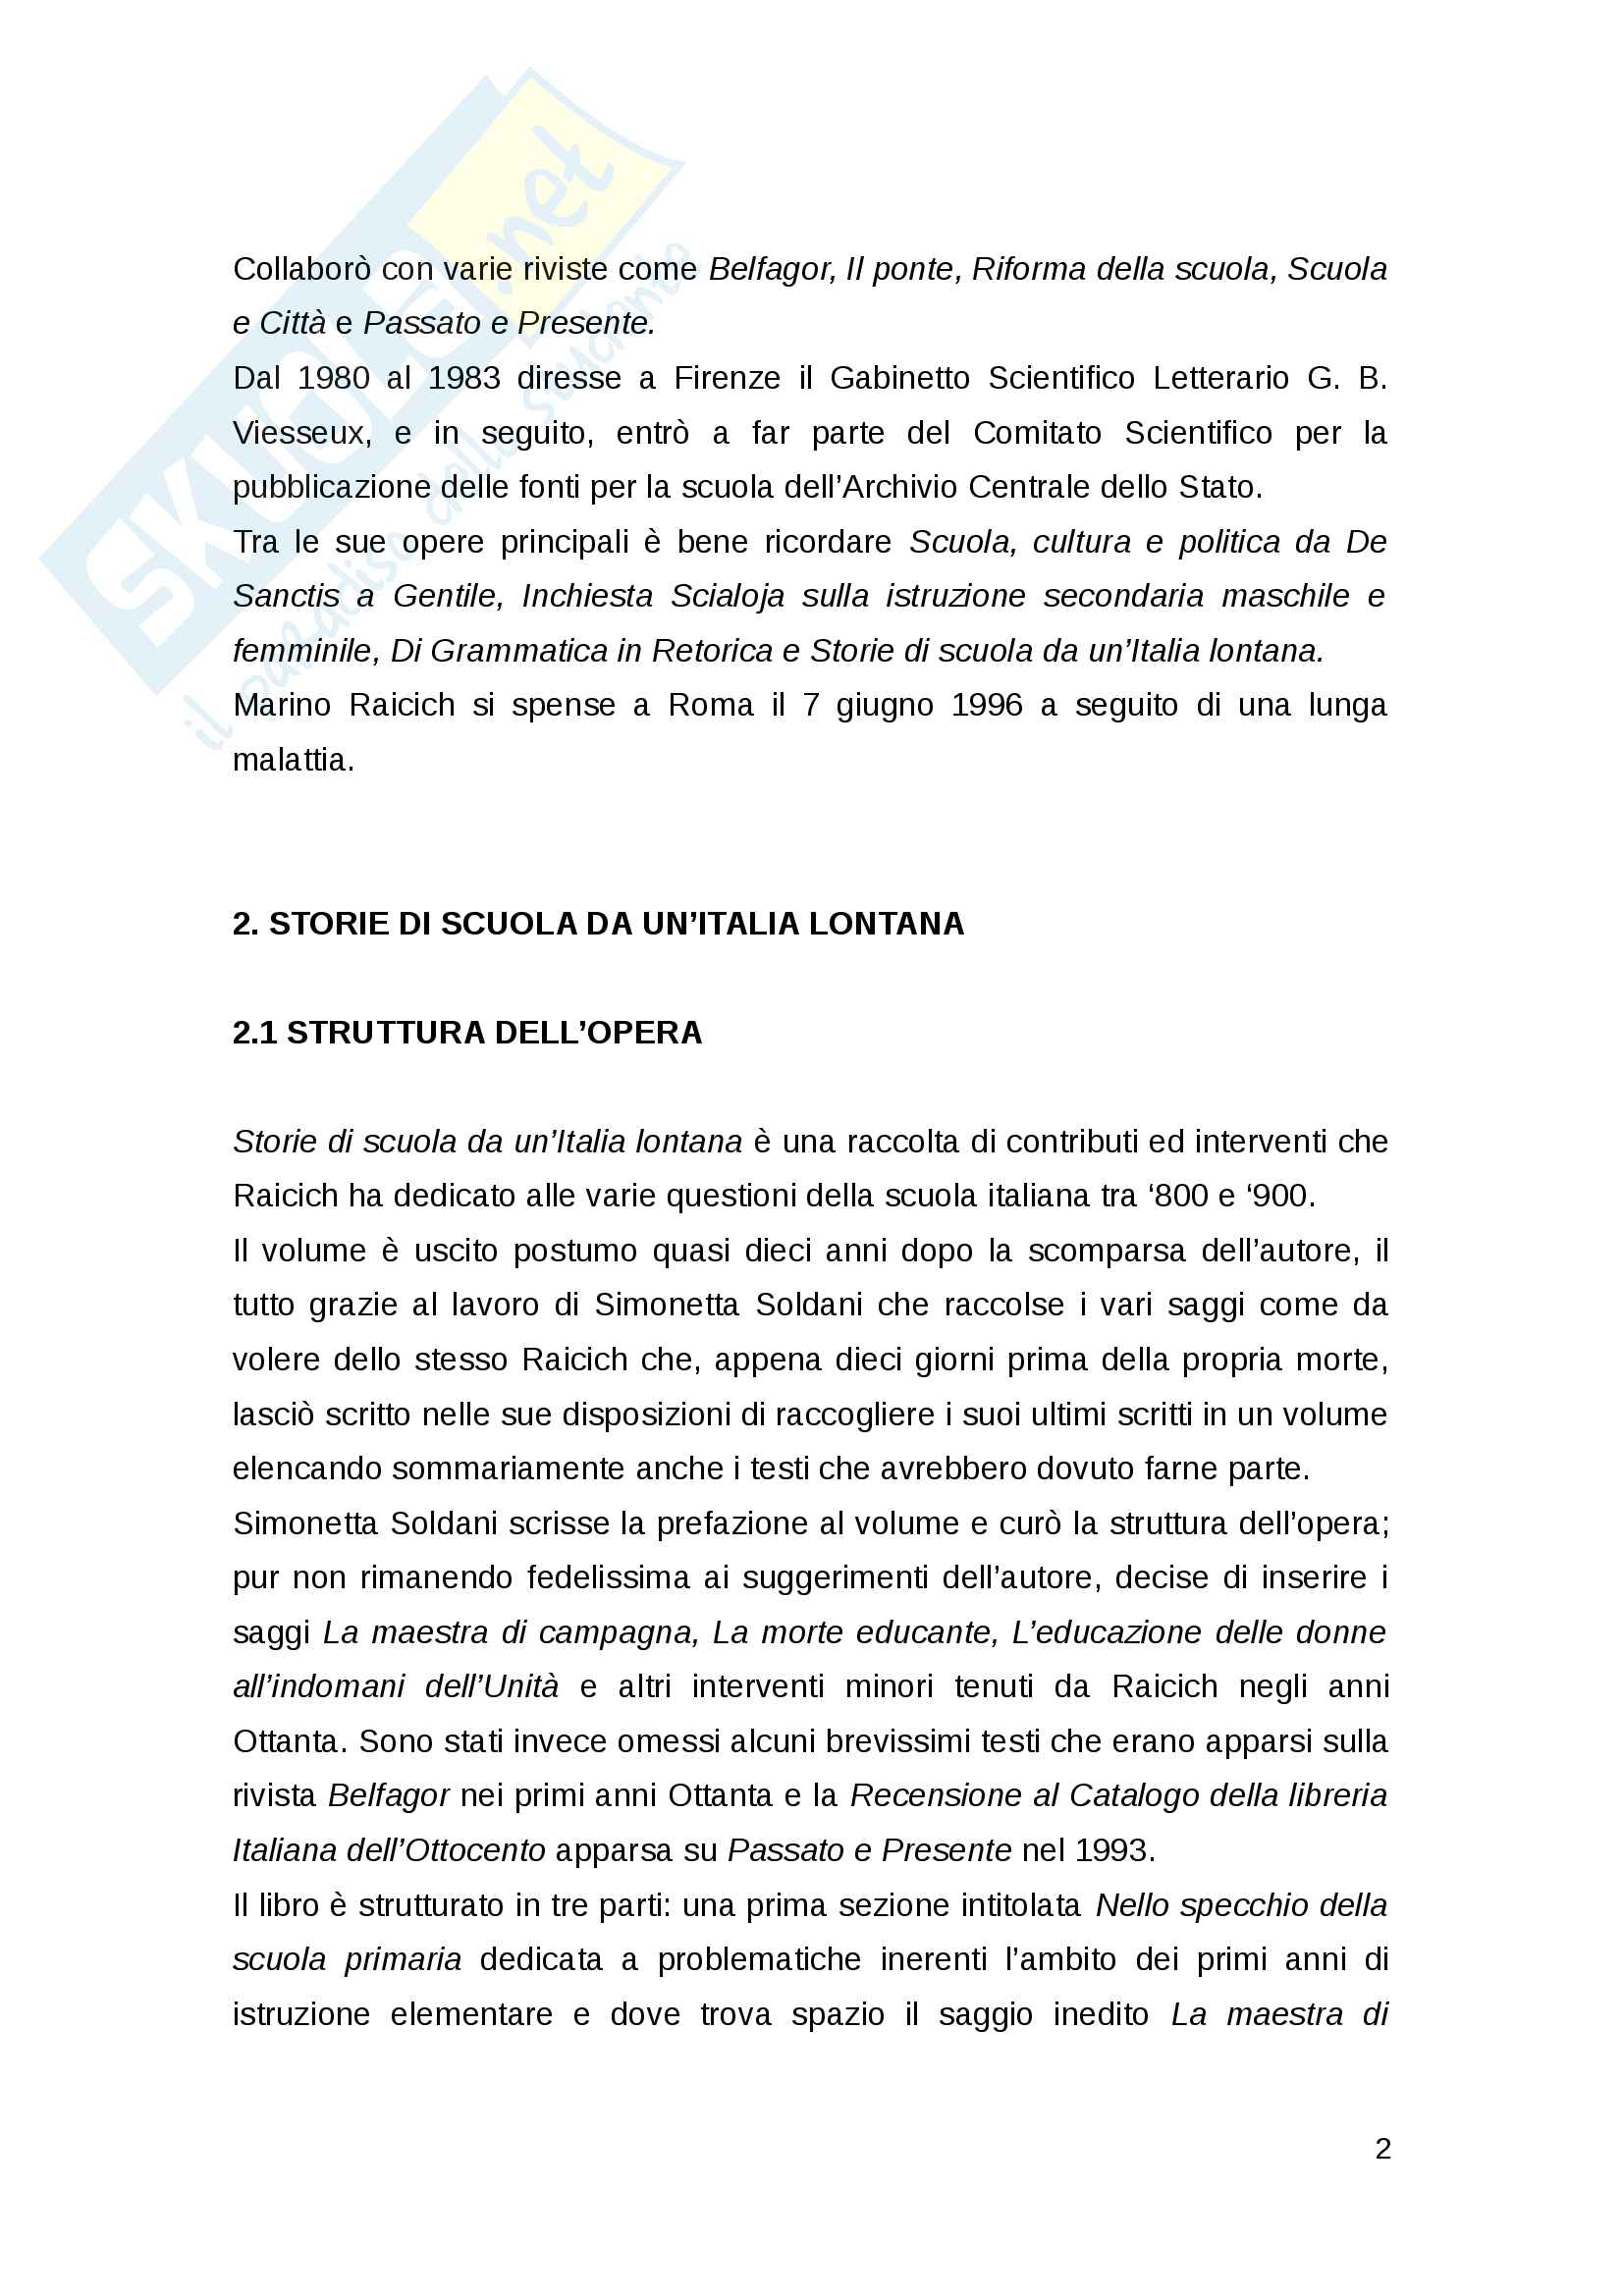 Marino Raicich, Storie di scuola da un'Italia lontana. Analisi personale del testo. Pag. 2